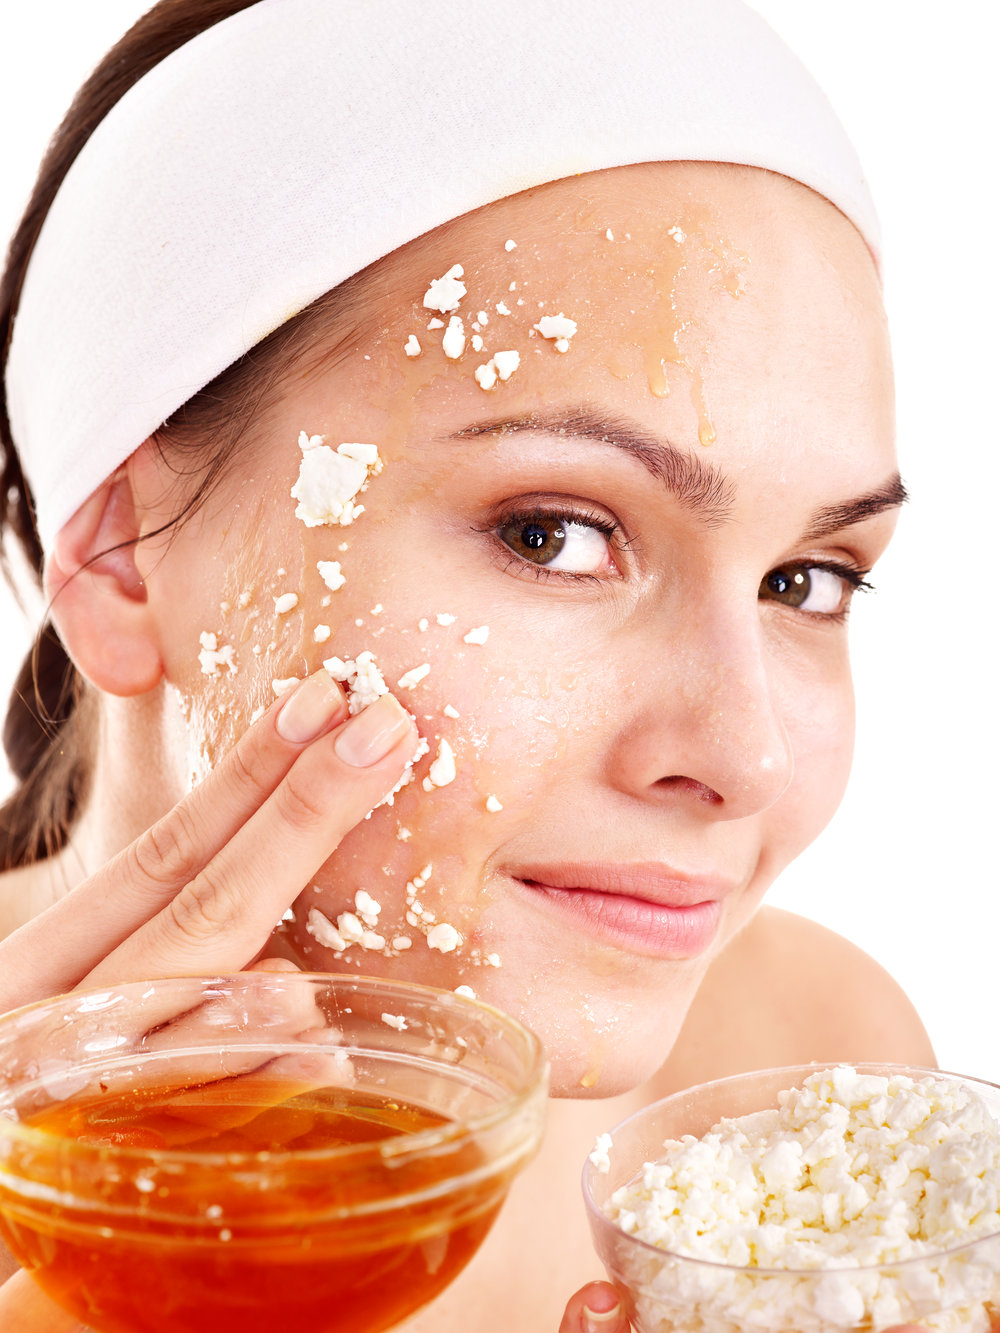 Natural homemade organic  facial masks of honey.